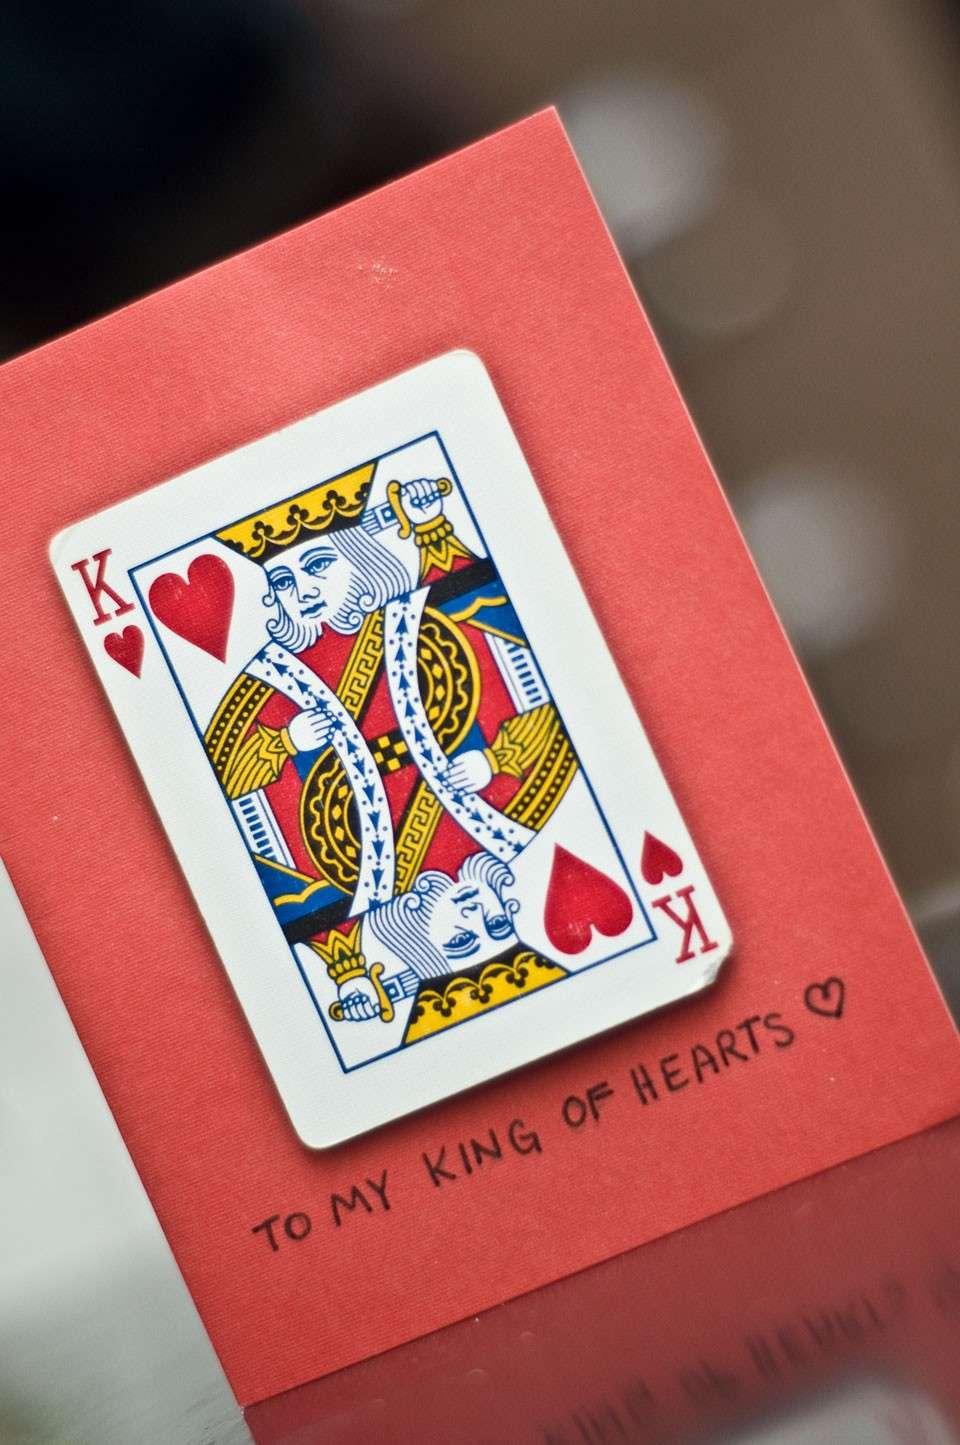 San Valentino: idee regalo fai da te per lui [FOTO]